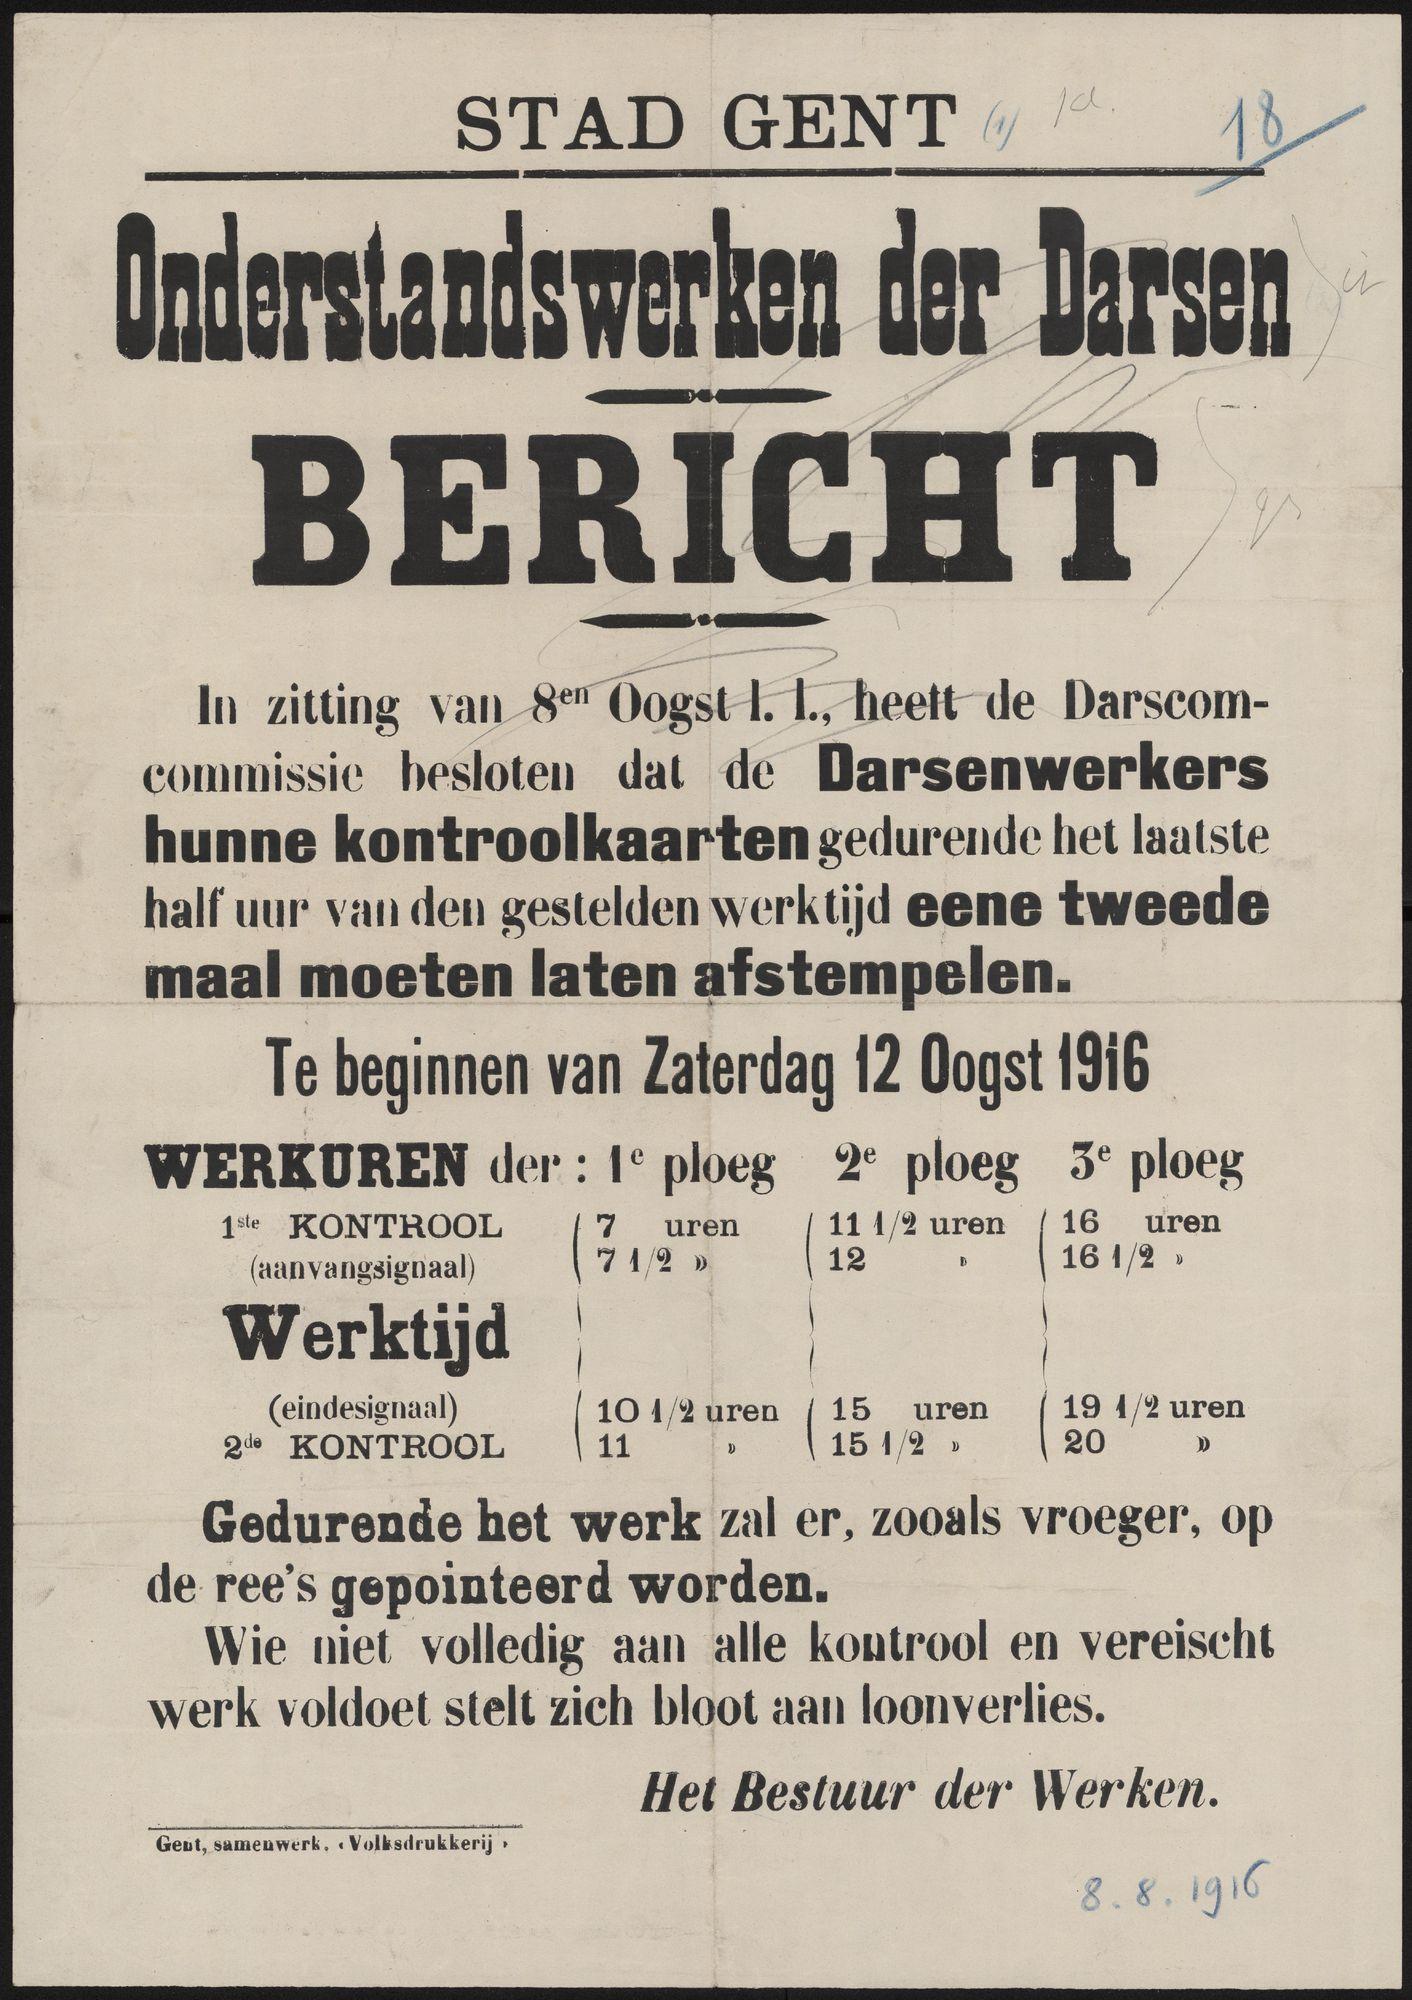 Stad Gent, Onderstandswerken der Darsen, Bericht.